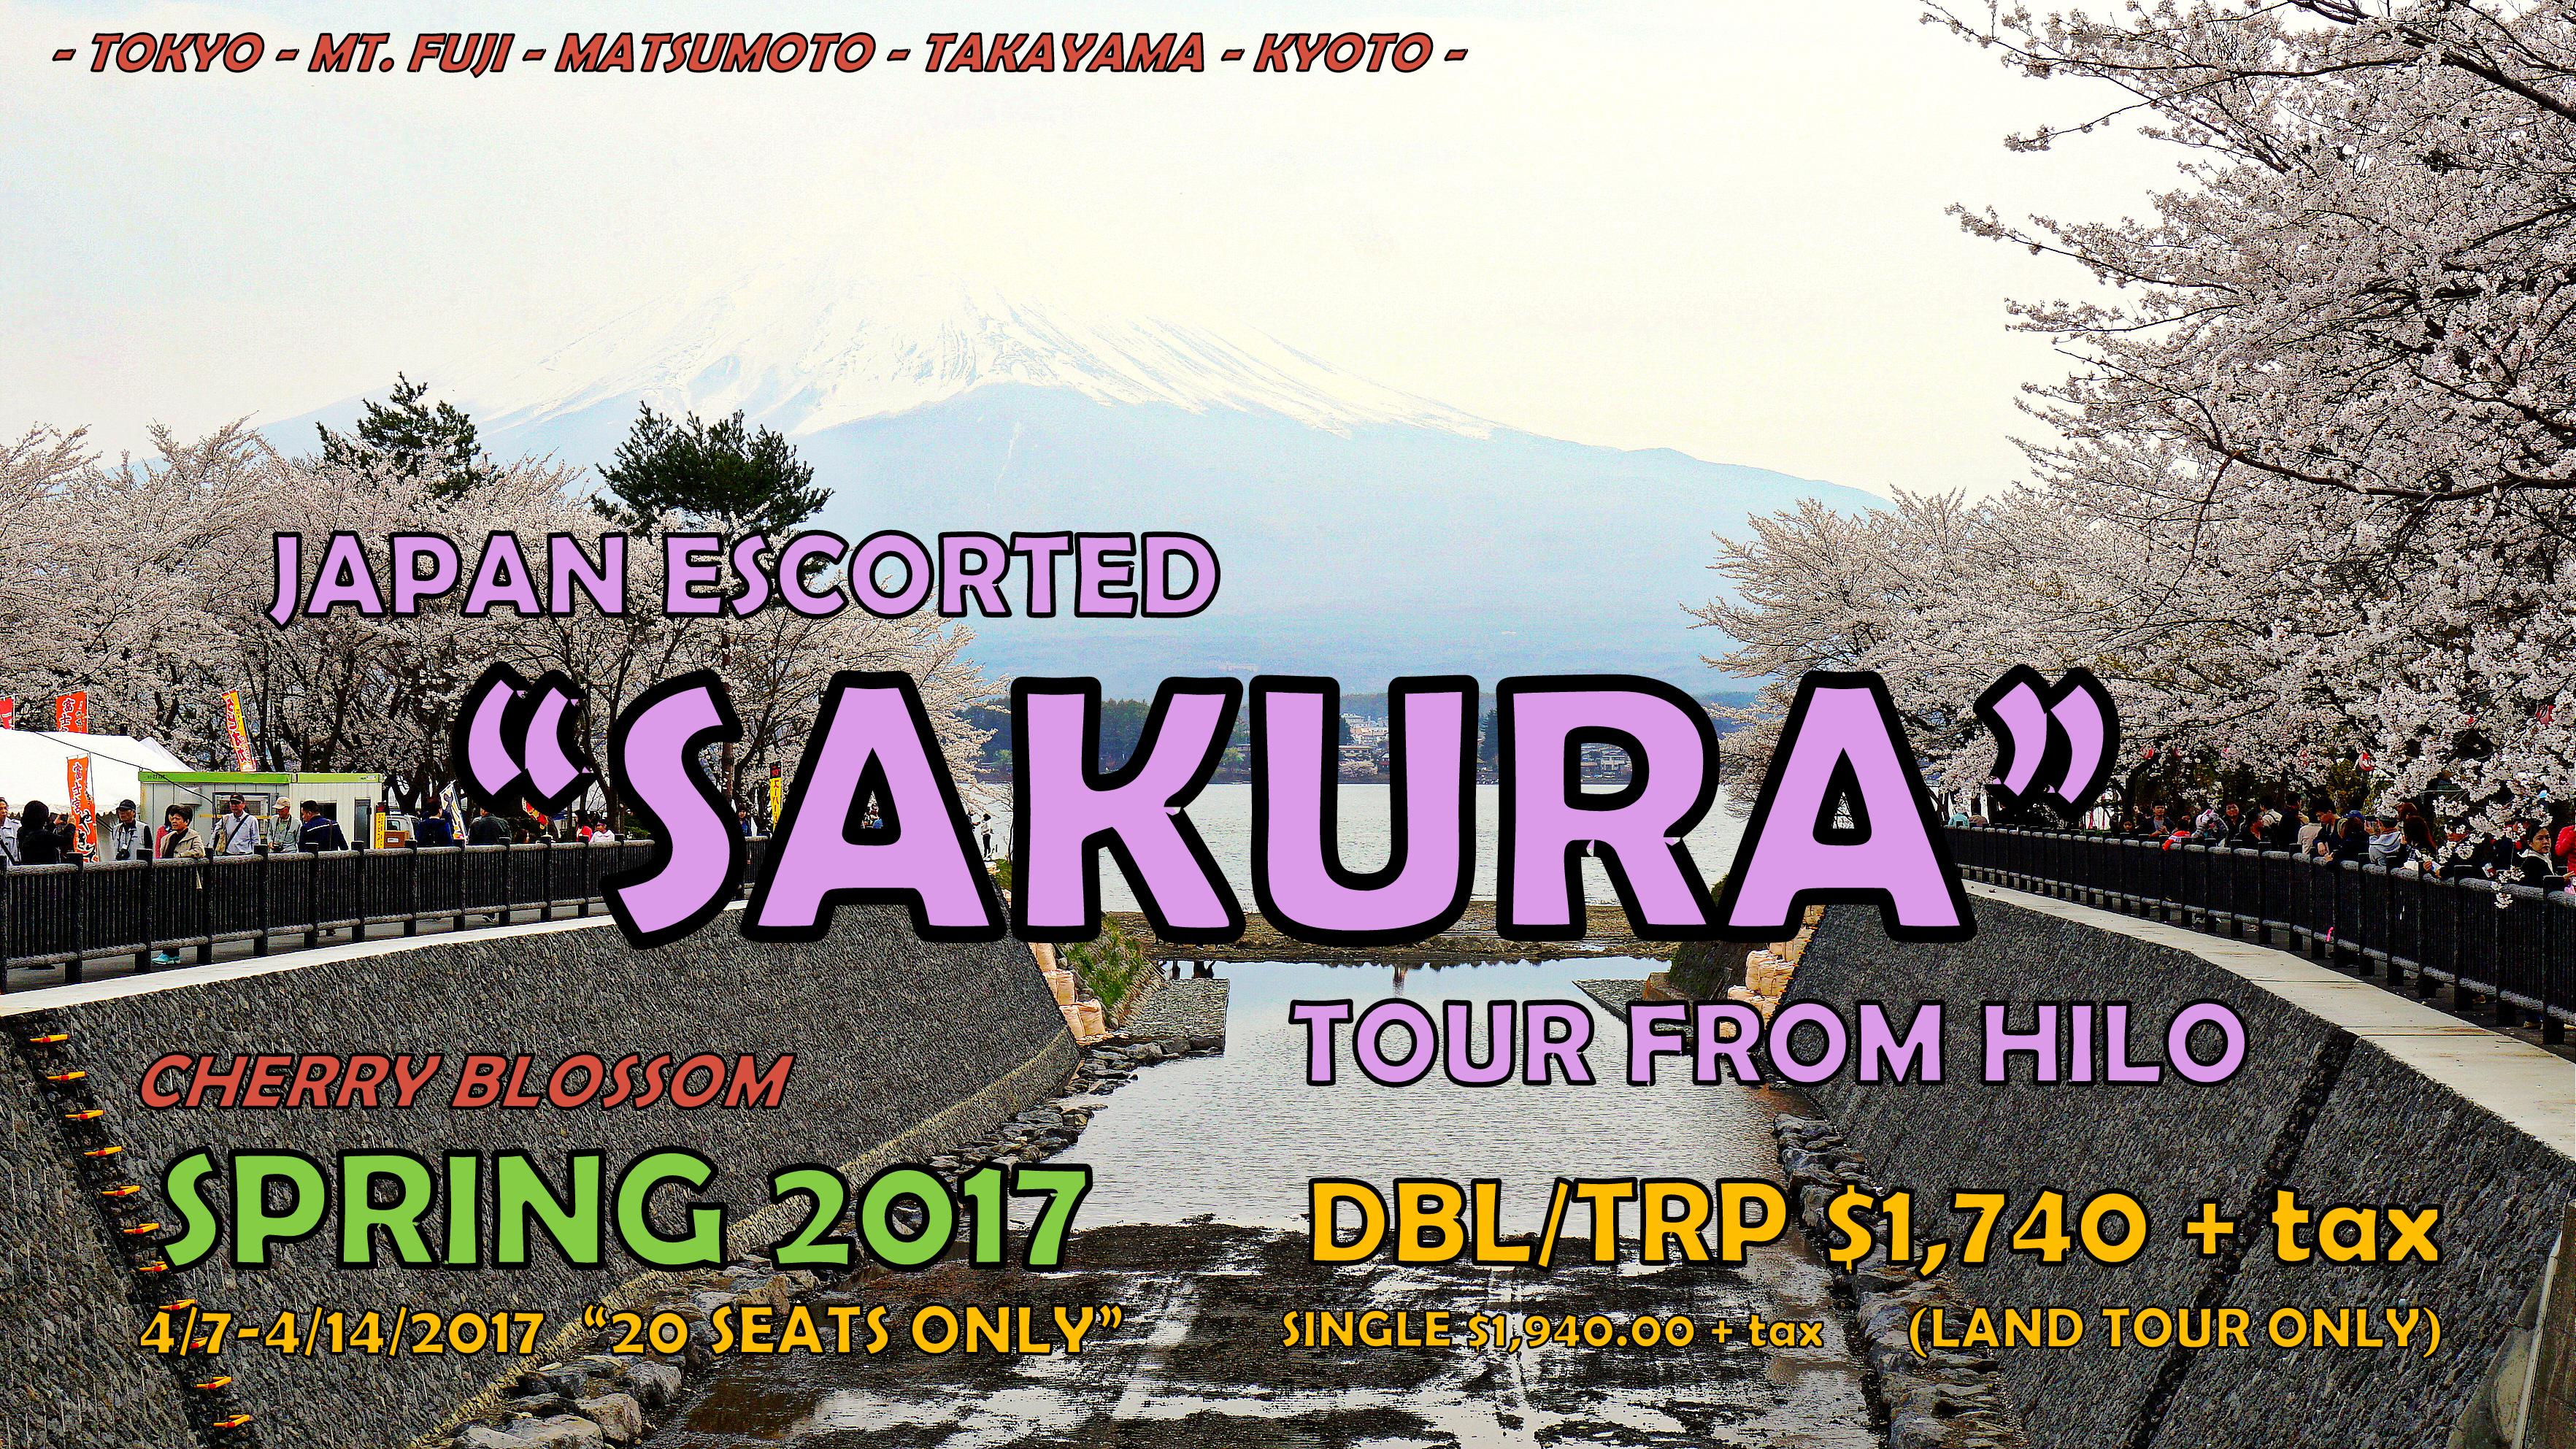 Spring 2017 - SAKURA Viewing with Spring Food & Local Nama Sake (Tour Dates: 4/5/2017 - 4/14/2017)